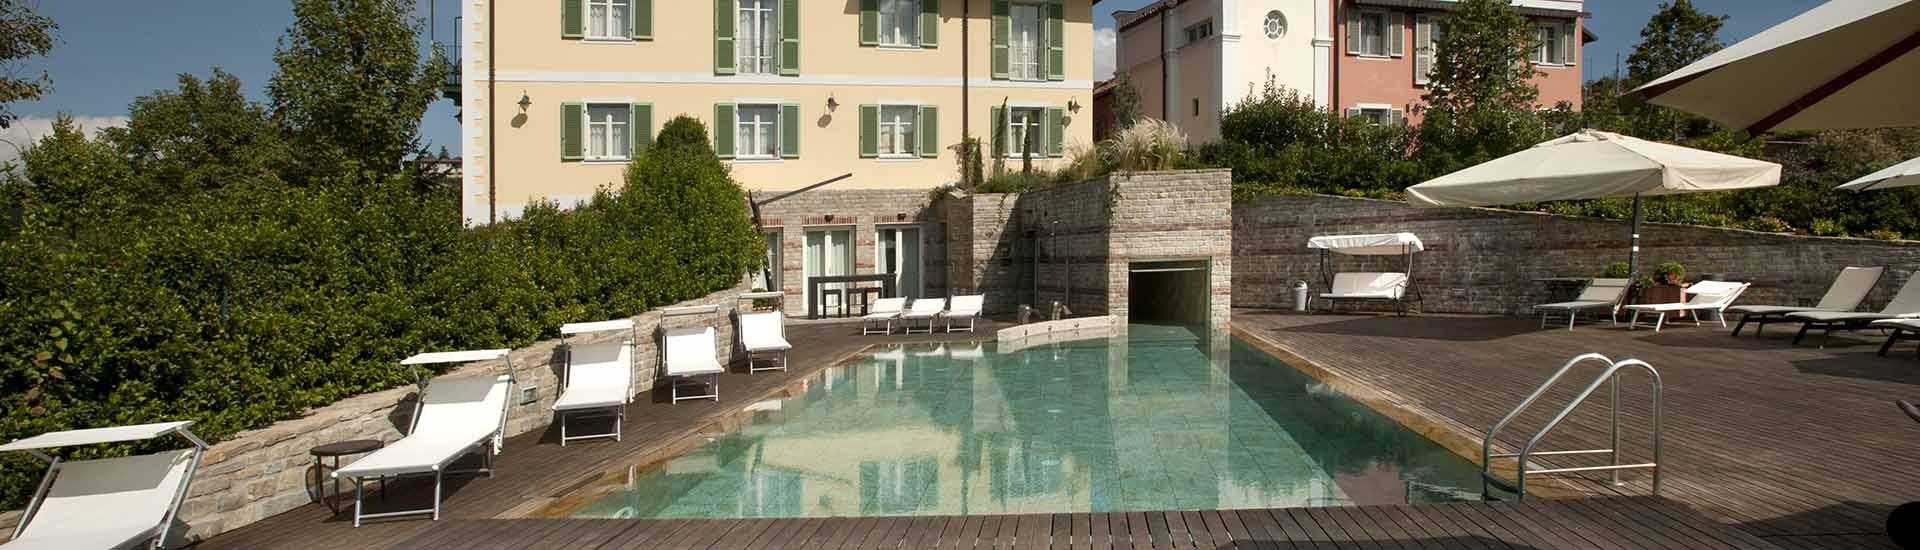 piscina_evidenza